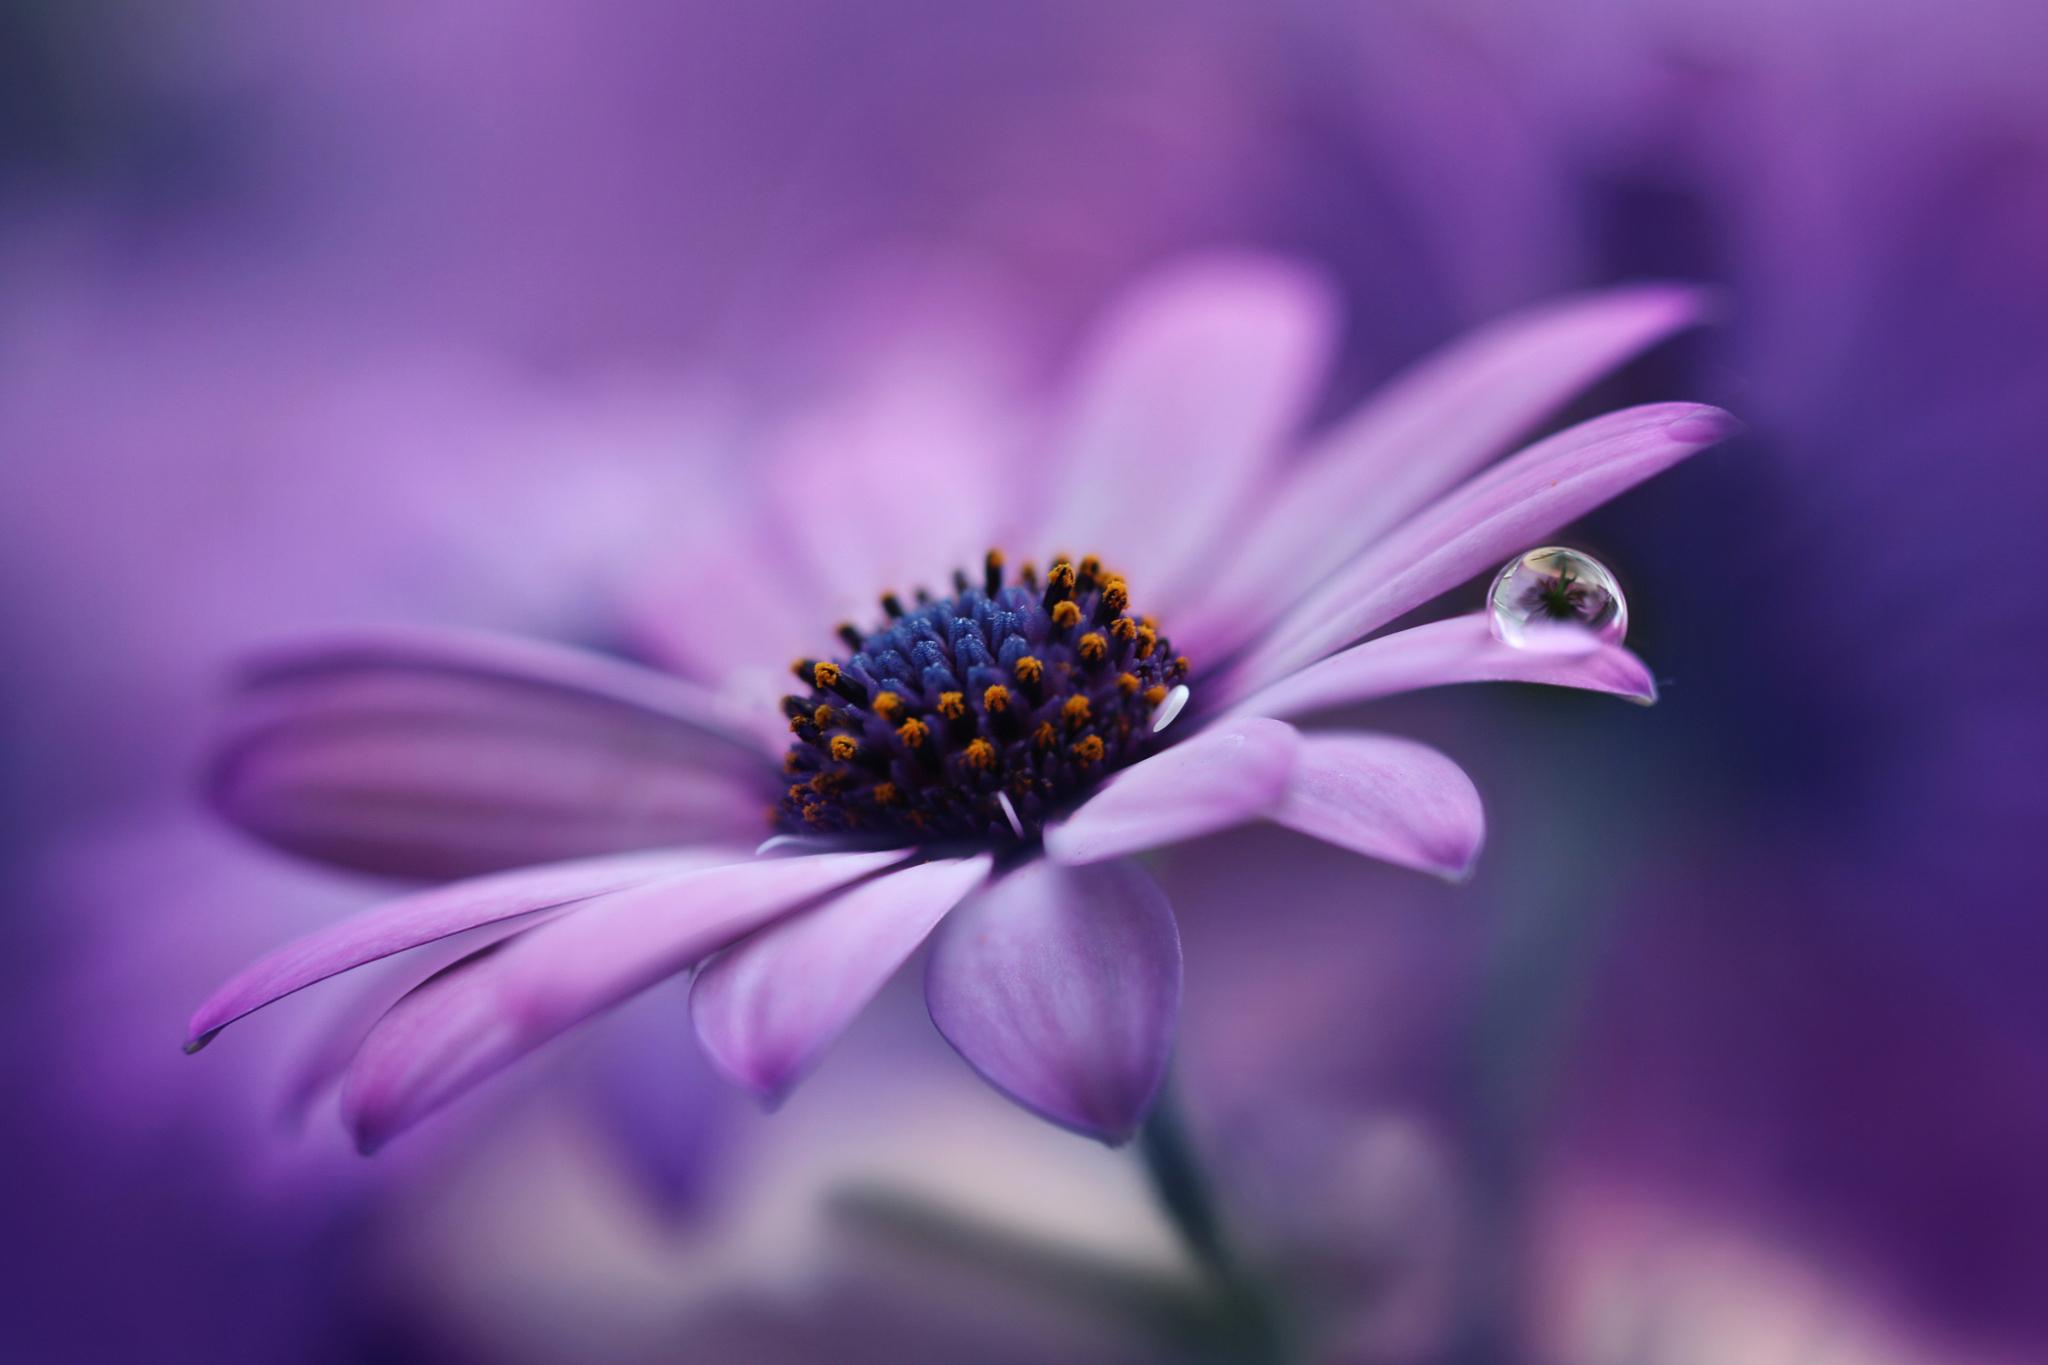 цветок фиолетовый  № 814239 загрузить